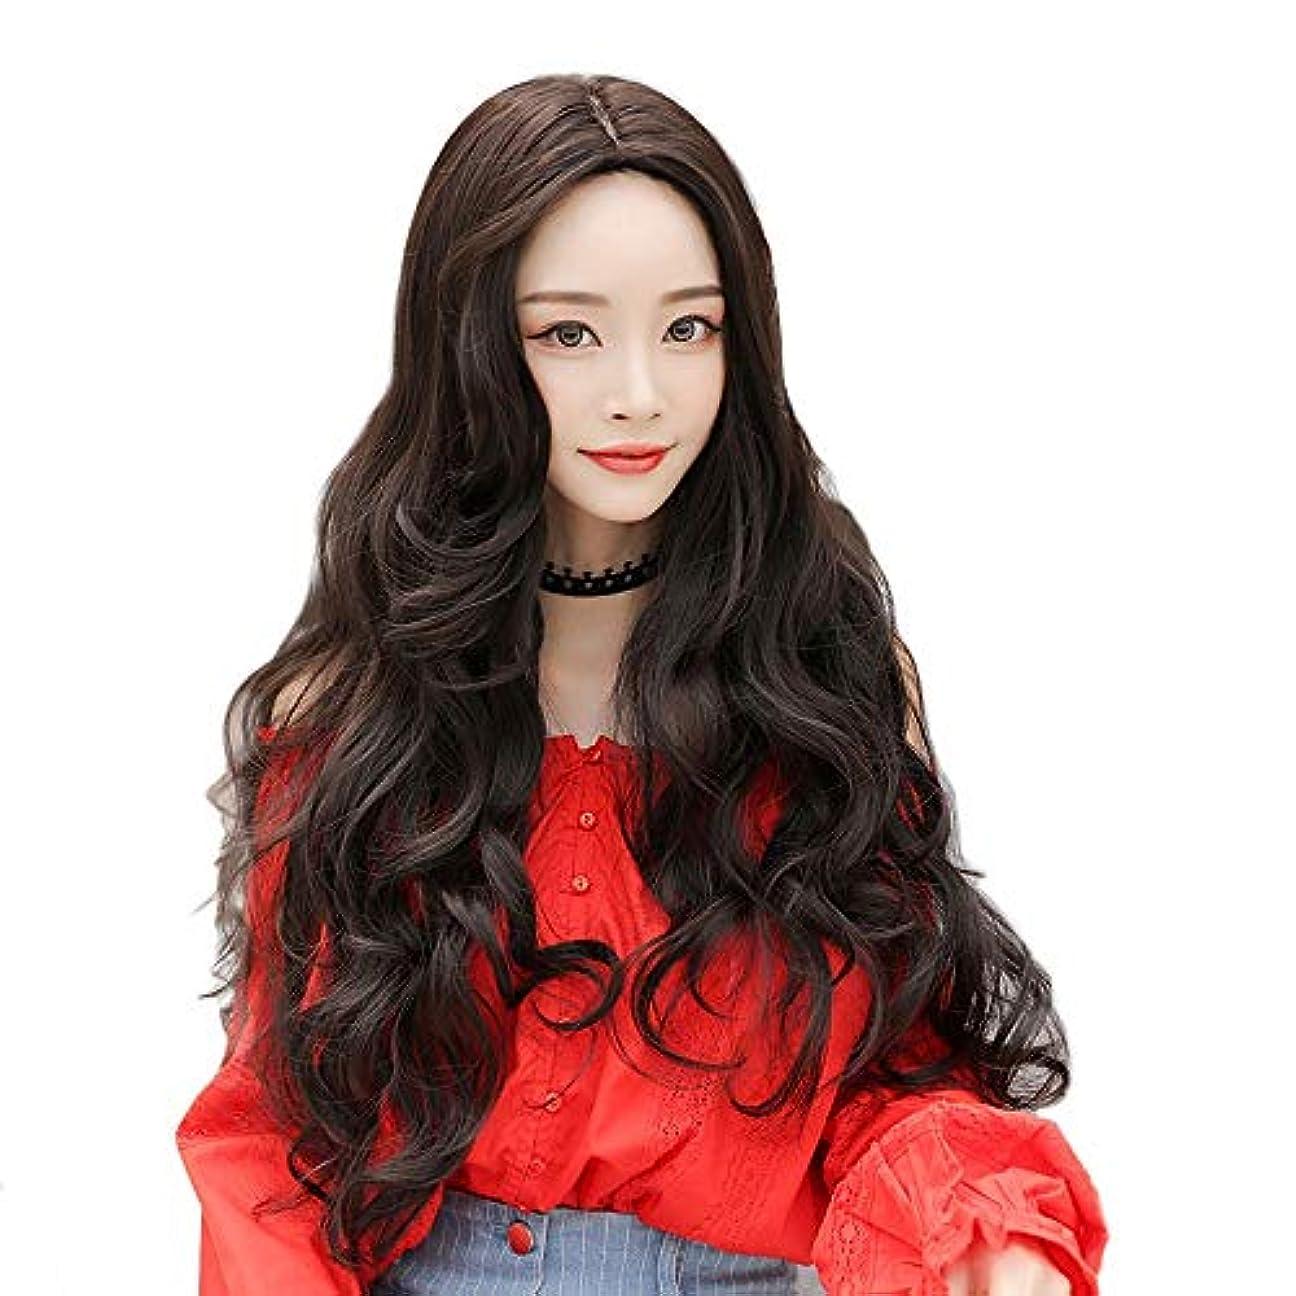 SRY-Wigファッション ブラウンウィッグ合成ウィッグ女性用ロングウェーブウィッグ熱繊維ファッションナチュラルウィッグロールプレイ (Color : 02, Size : 25.5inch)